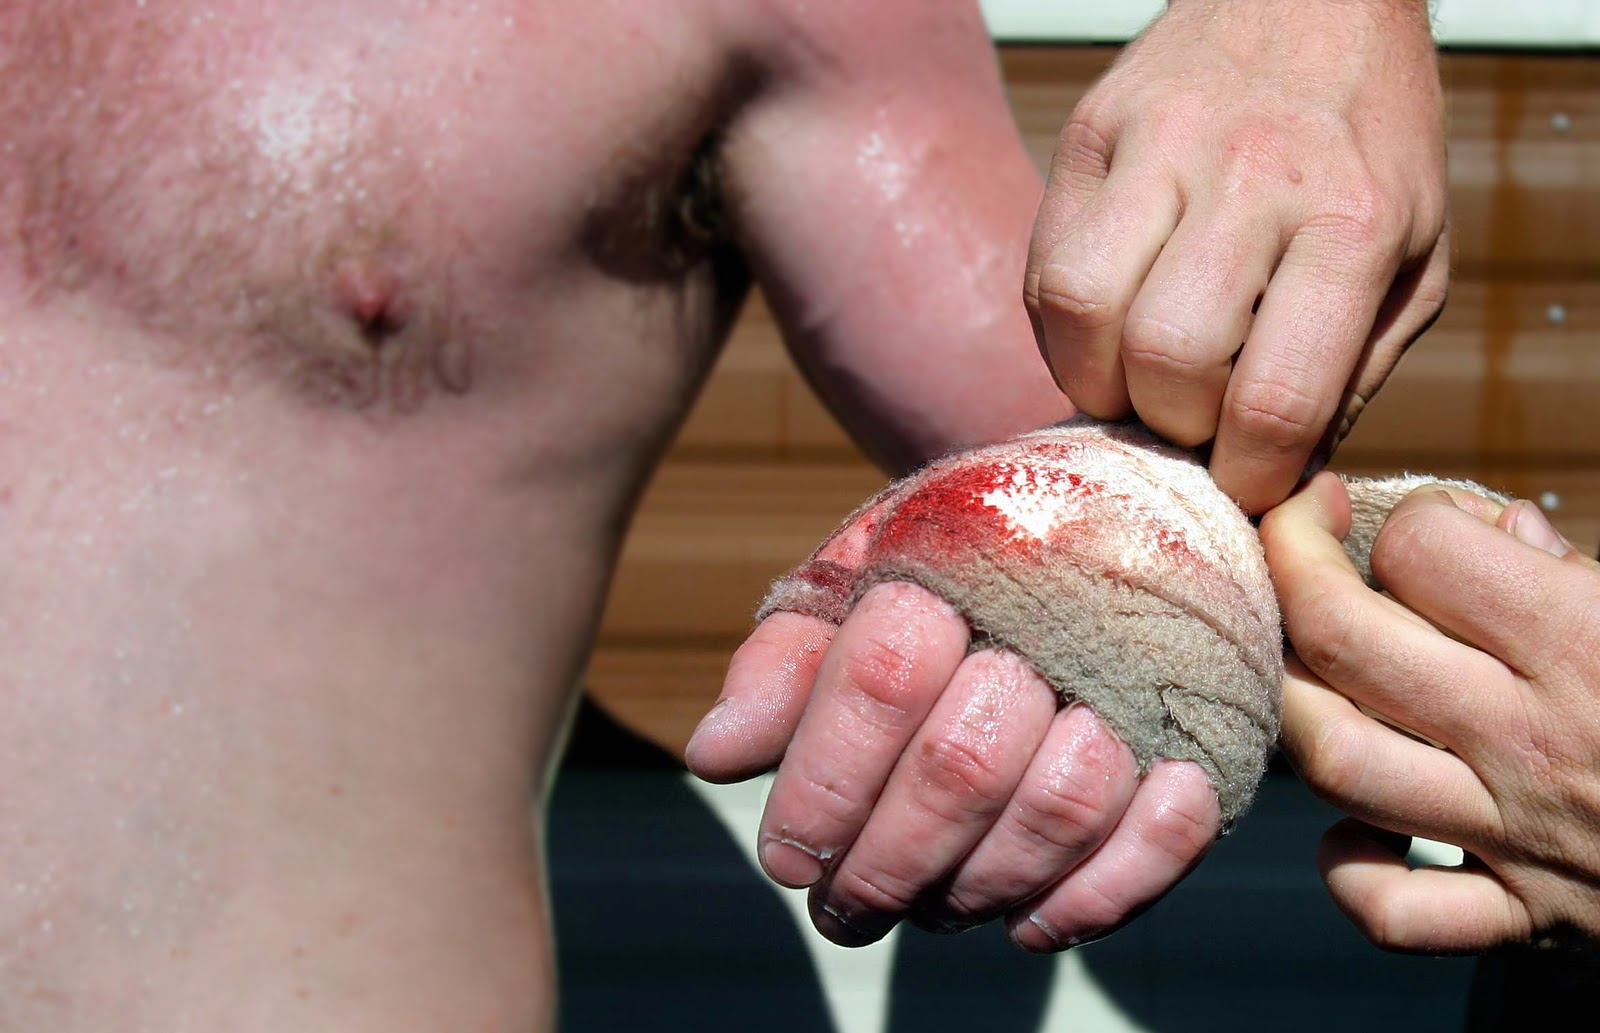 http://4.bp.blogspot.com/_pLH-iVzh6o8/TUjDo-08vHI/AAAAAAAAALE/rpnbtTK9kw0/s1600/o-sundance-2011-review-knuckle-1.jpg